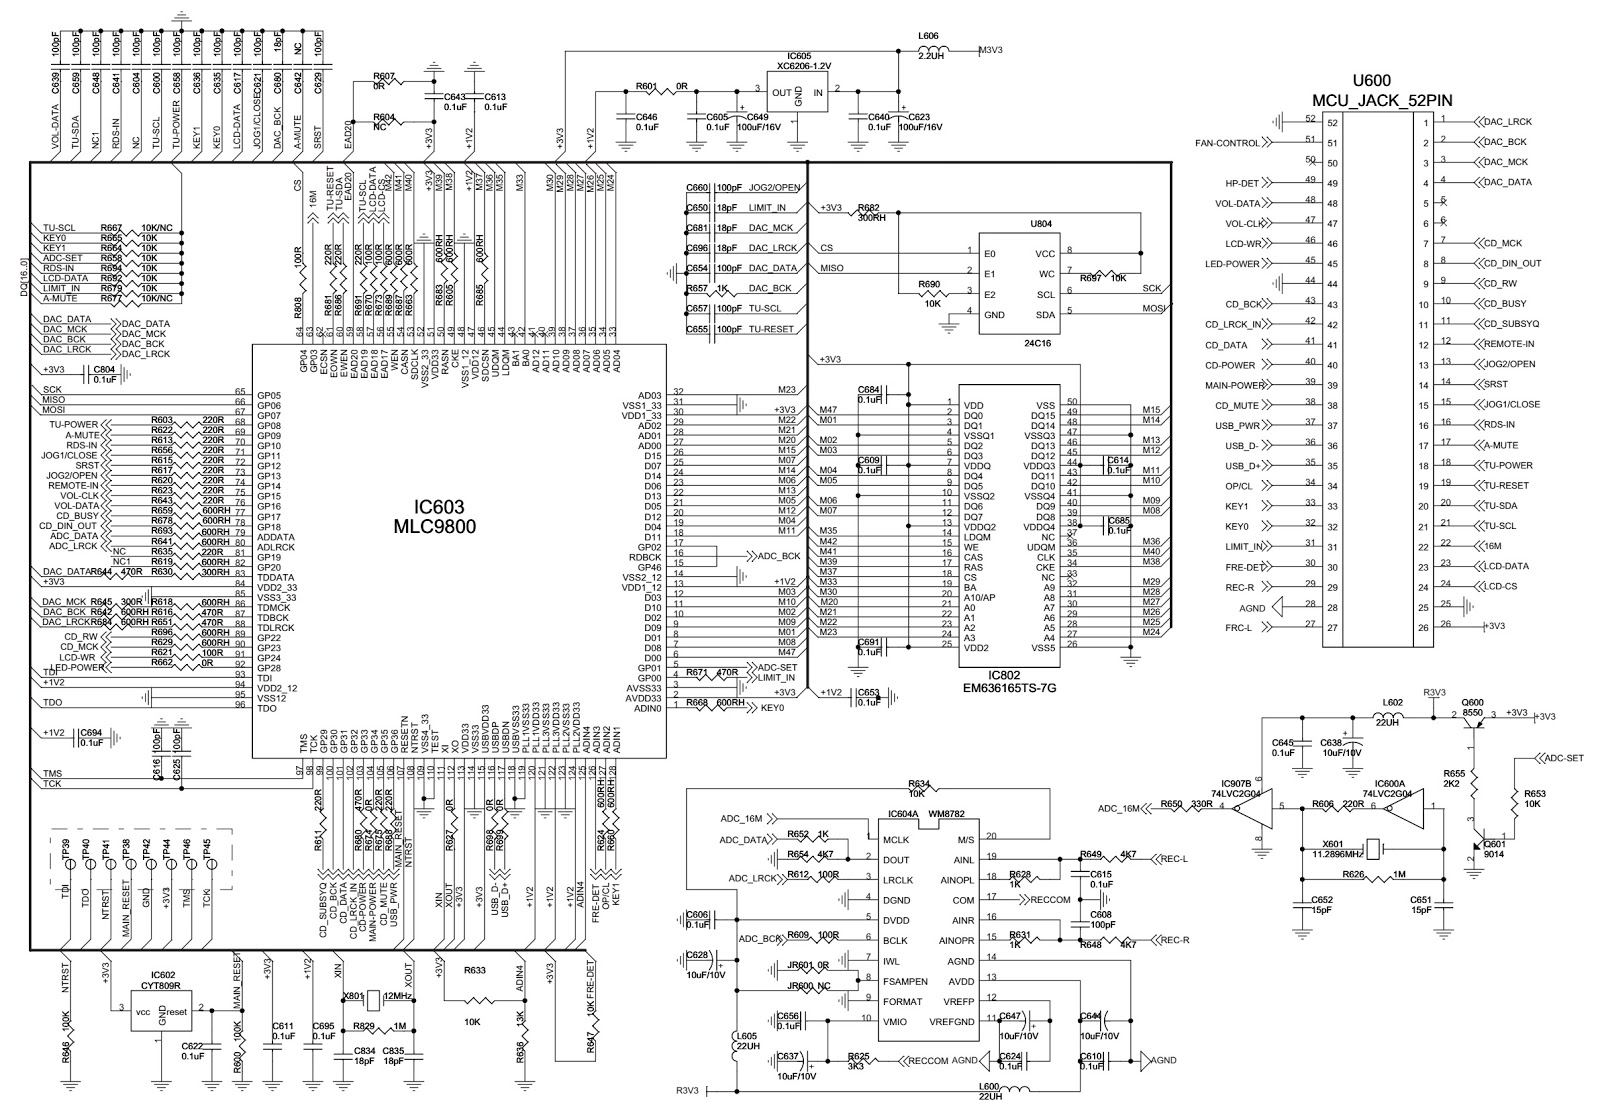 LG XA66